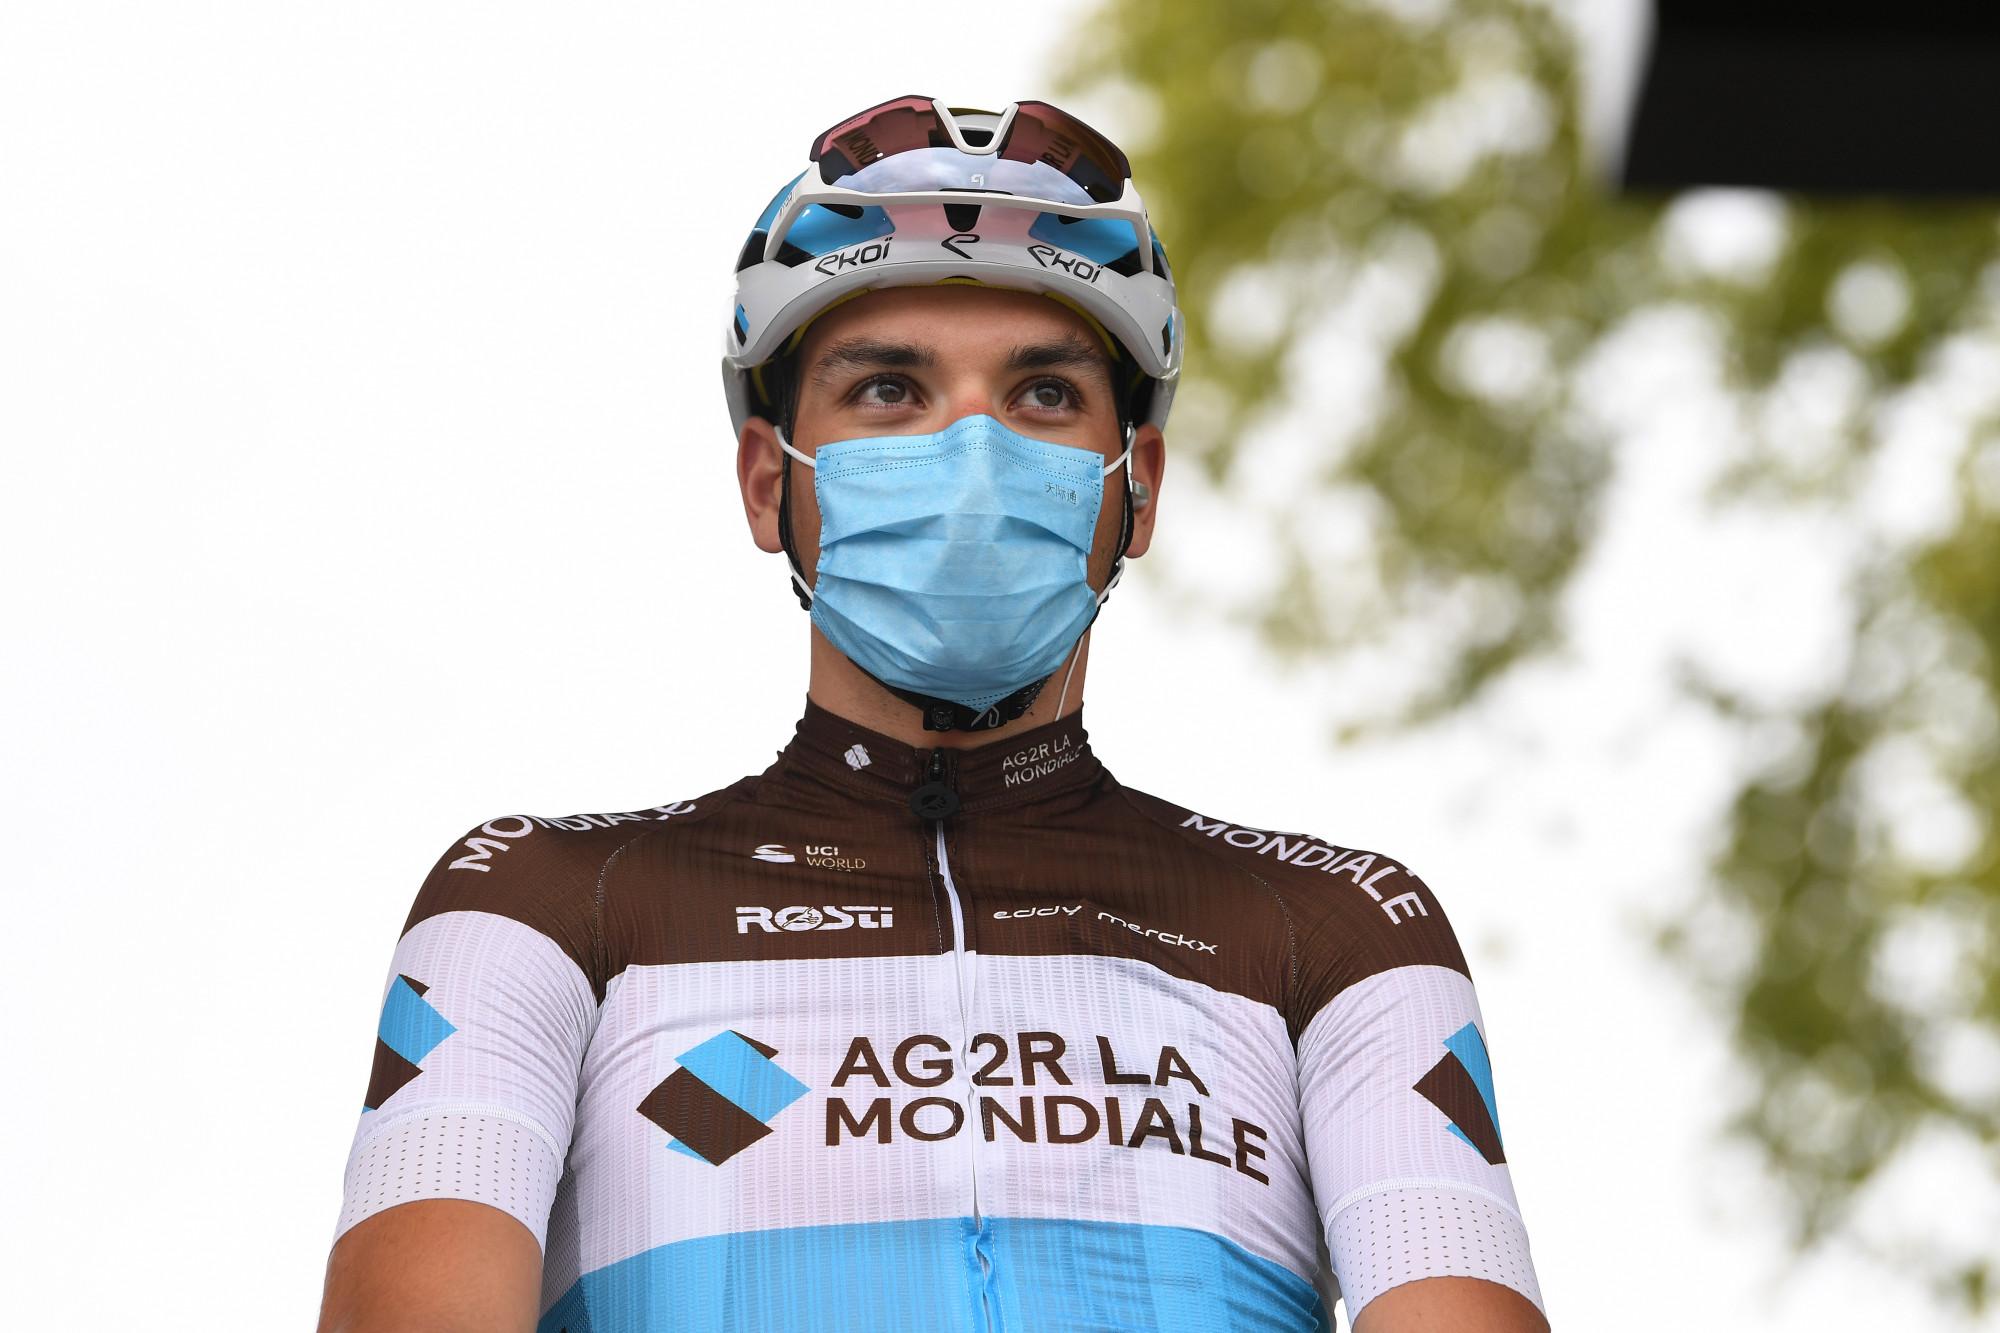 Nans Peters | Tour de France - Stage 14